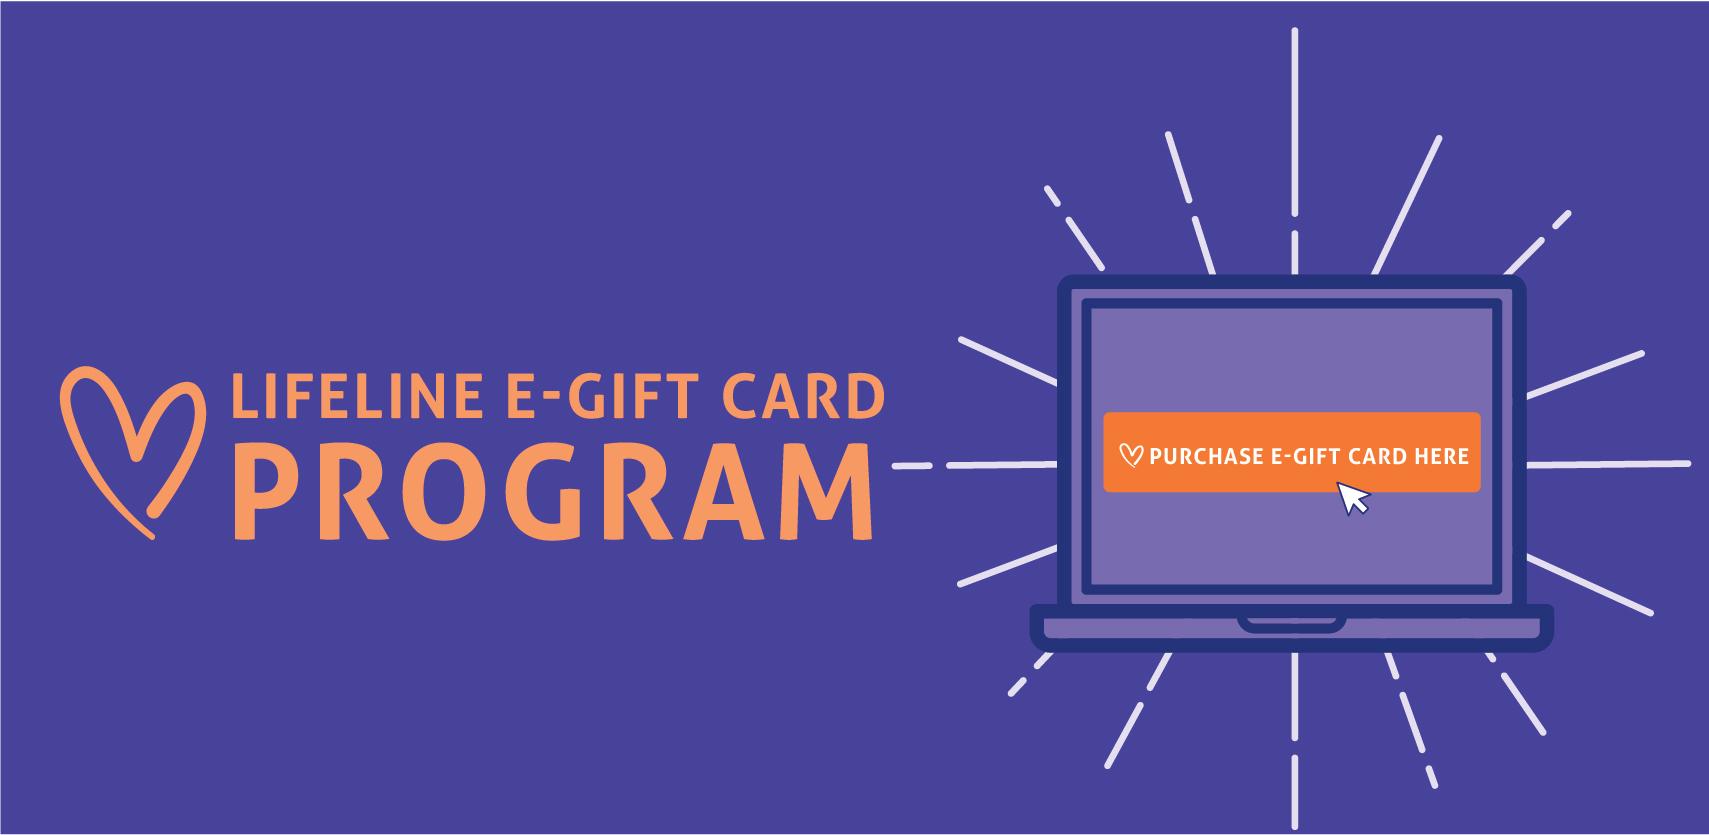 Lifeline e-Gift Card Program